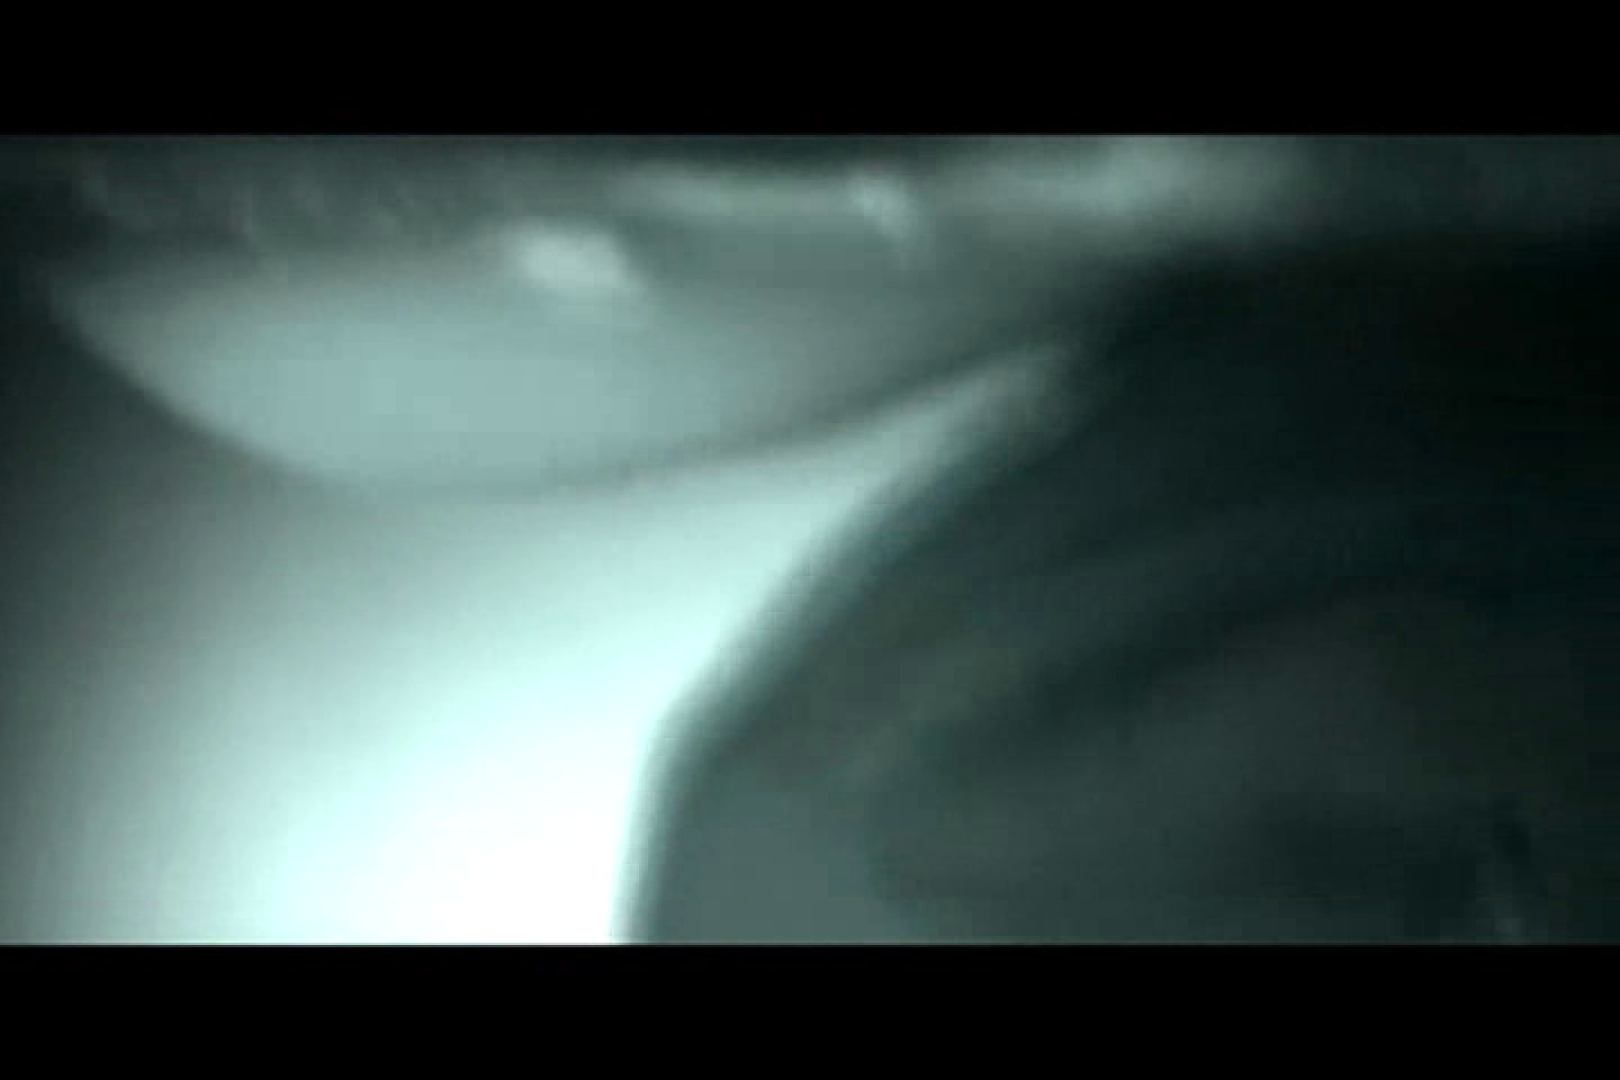 ぼっとん洗面所スペシャルVol.19 洗面所  96PIX 9